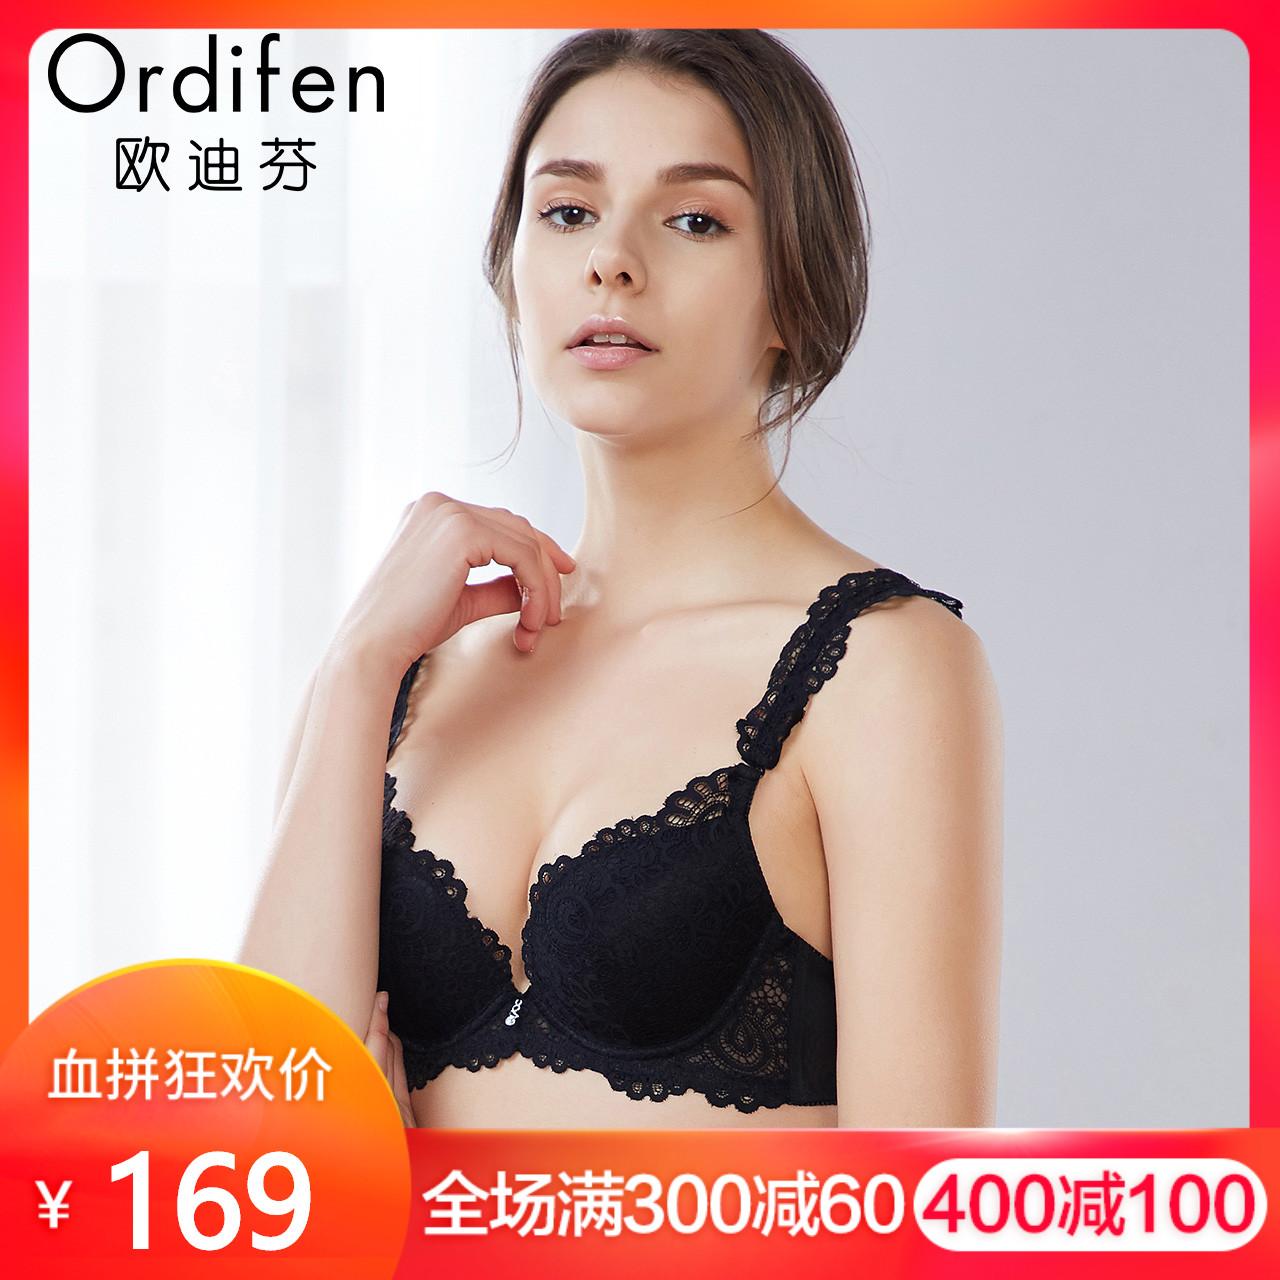 欧迪芬 新款内衣性感全蕾丝肩带小胸胸罩聚拢少女文胸XB8104